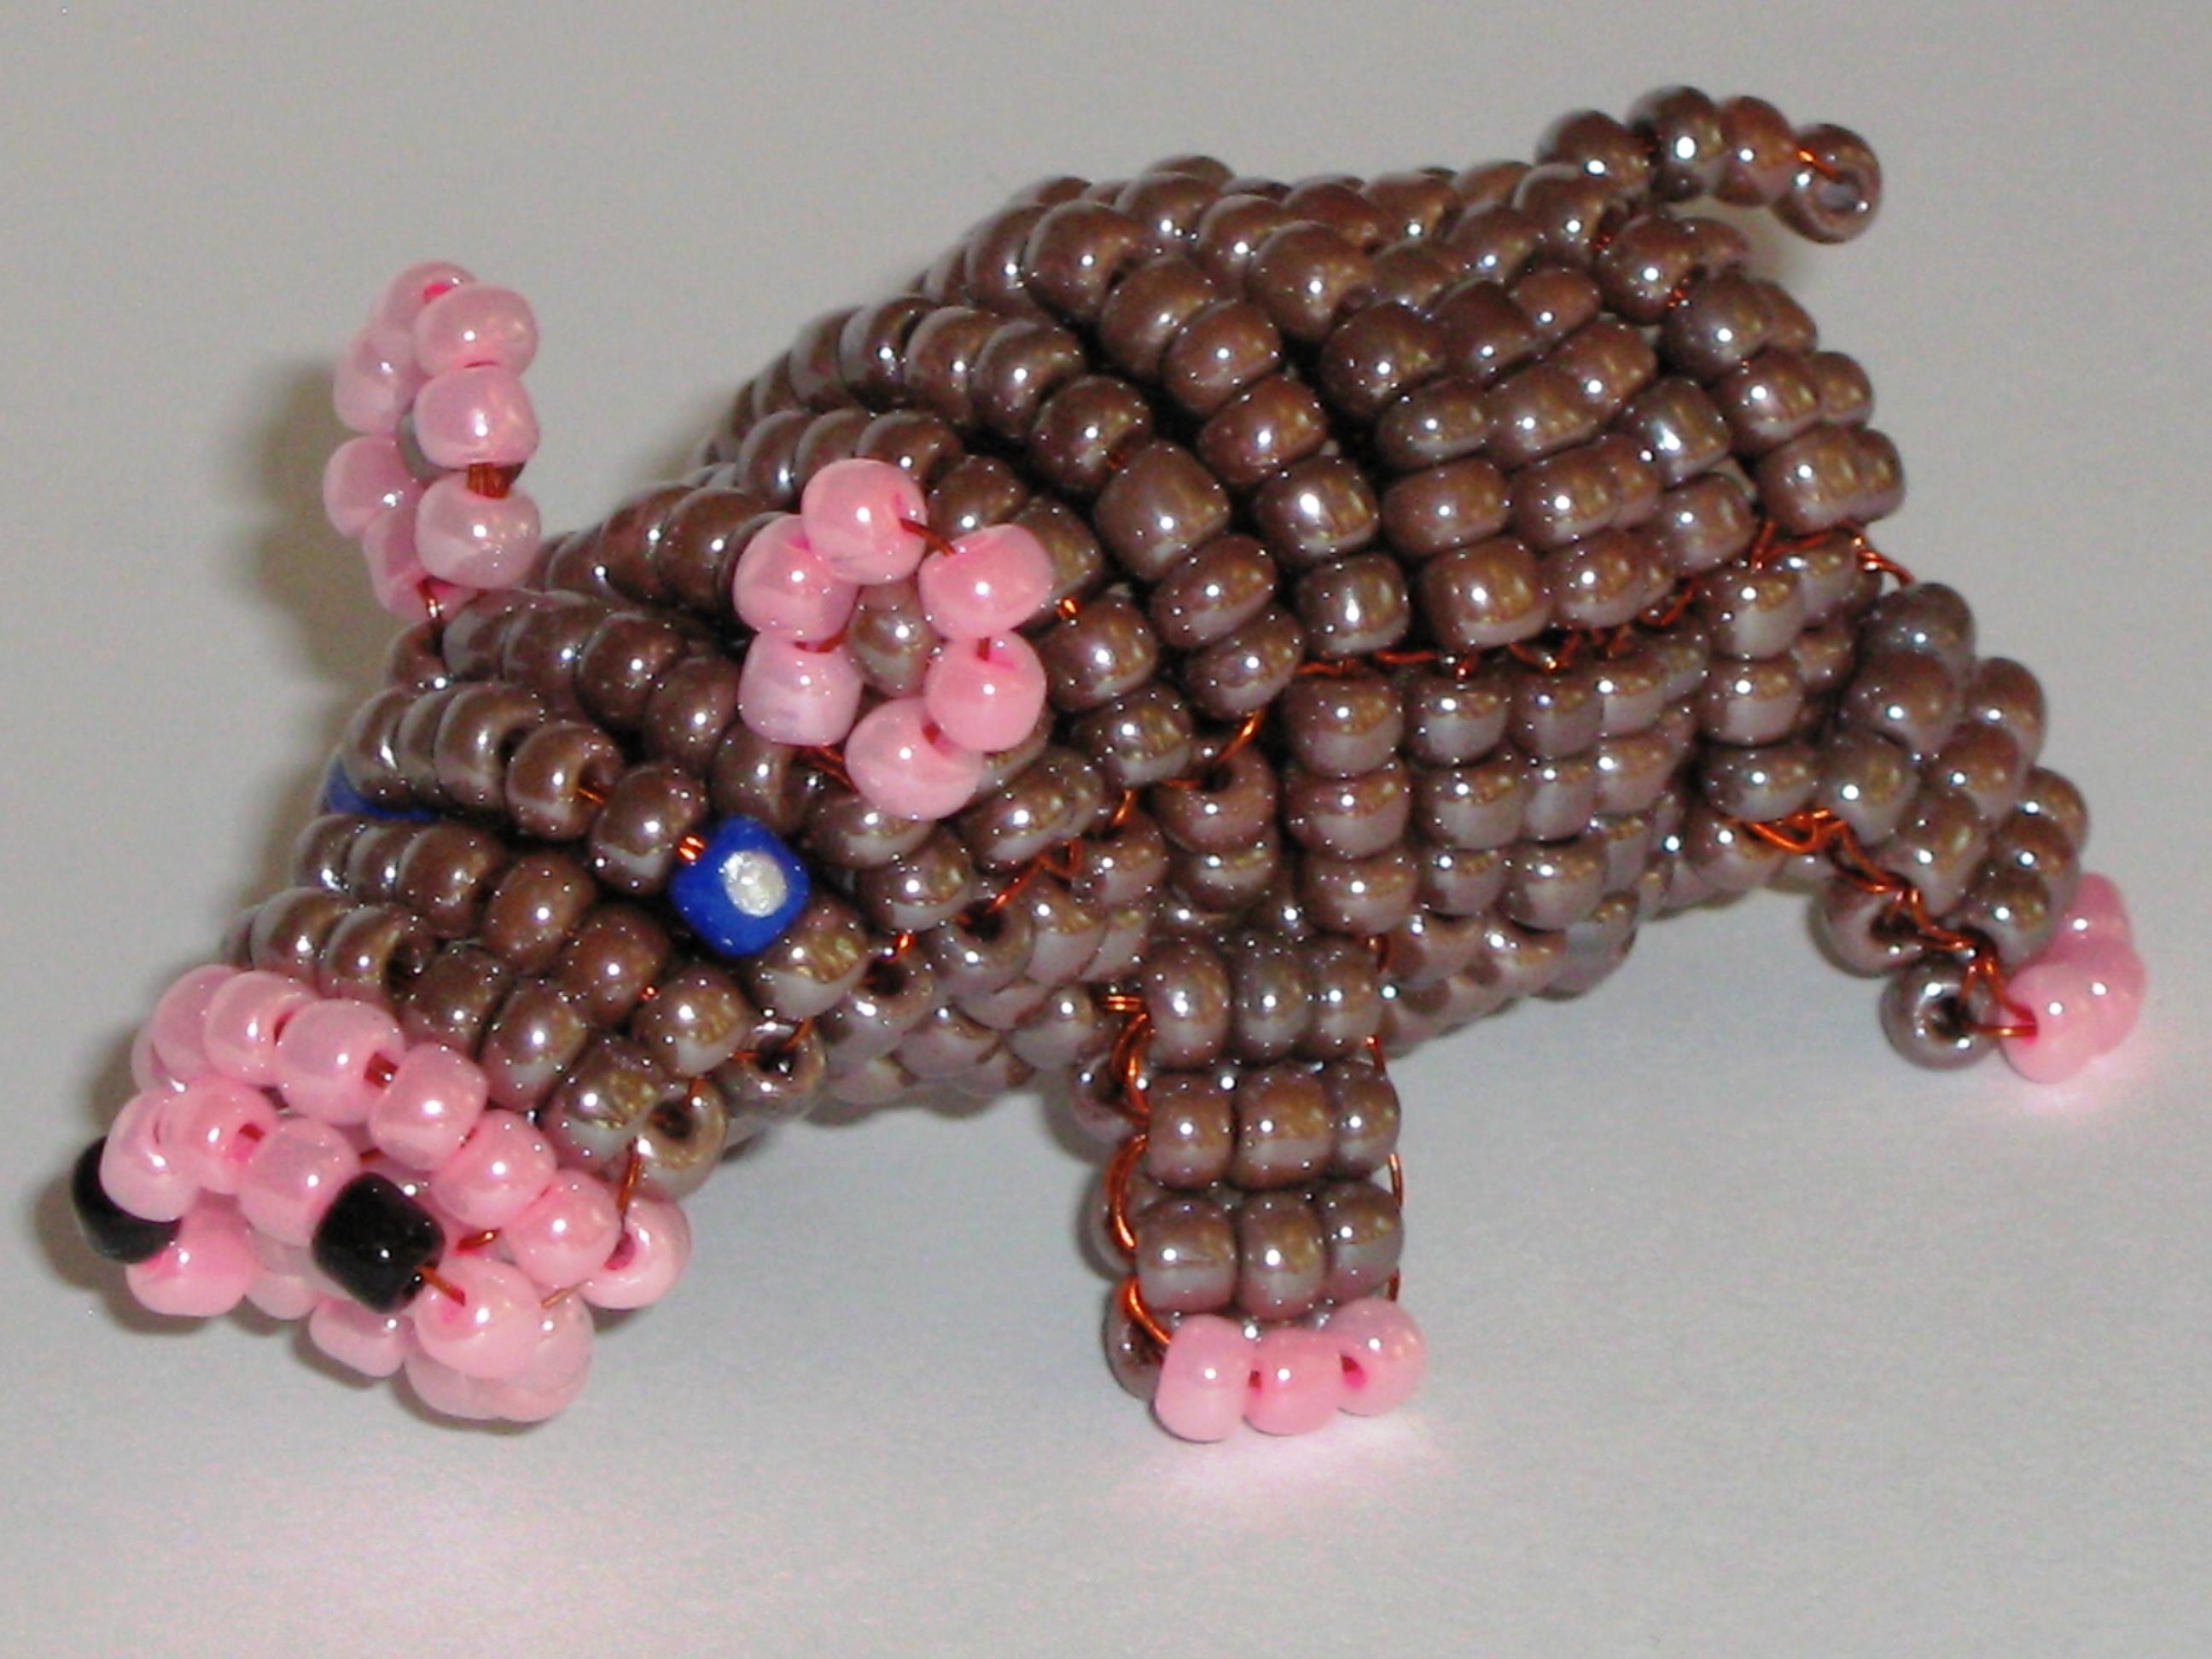 И плетется он довольно легко.  Предлагаем вашему вниманию подробную схему плетения нашего очаровательного бегемотика.